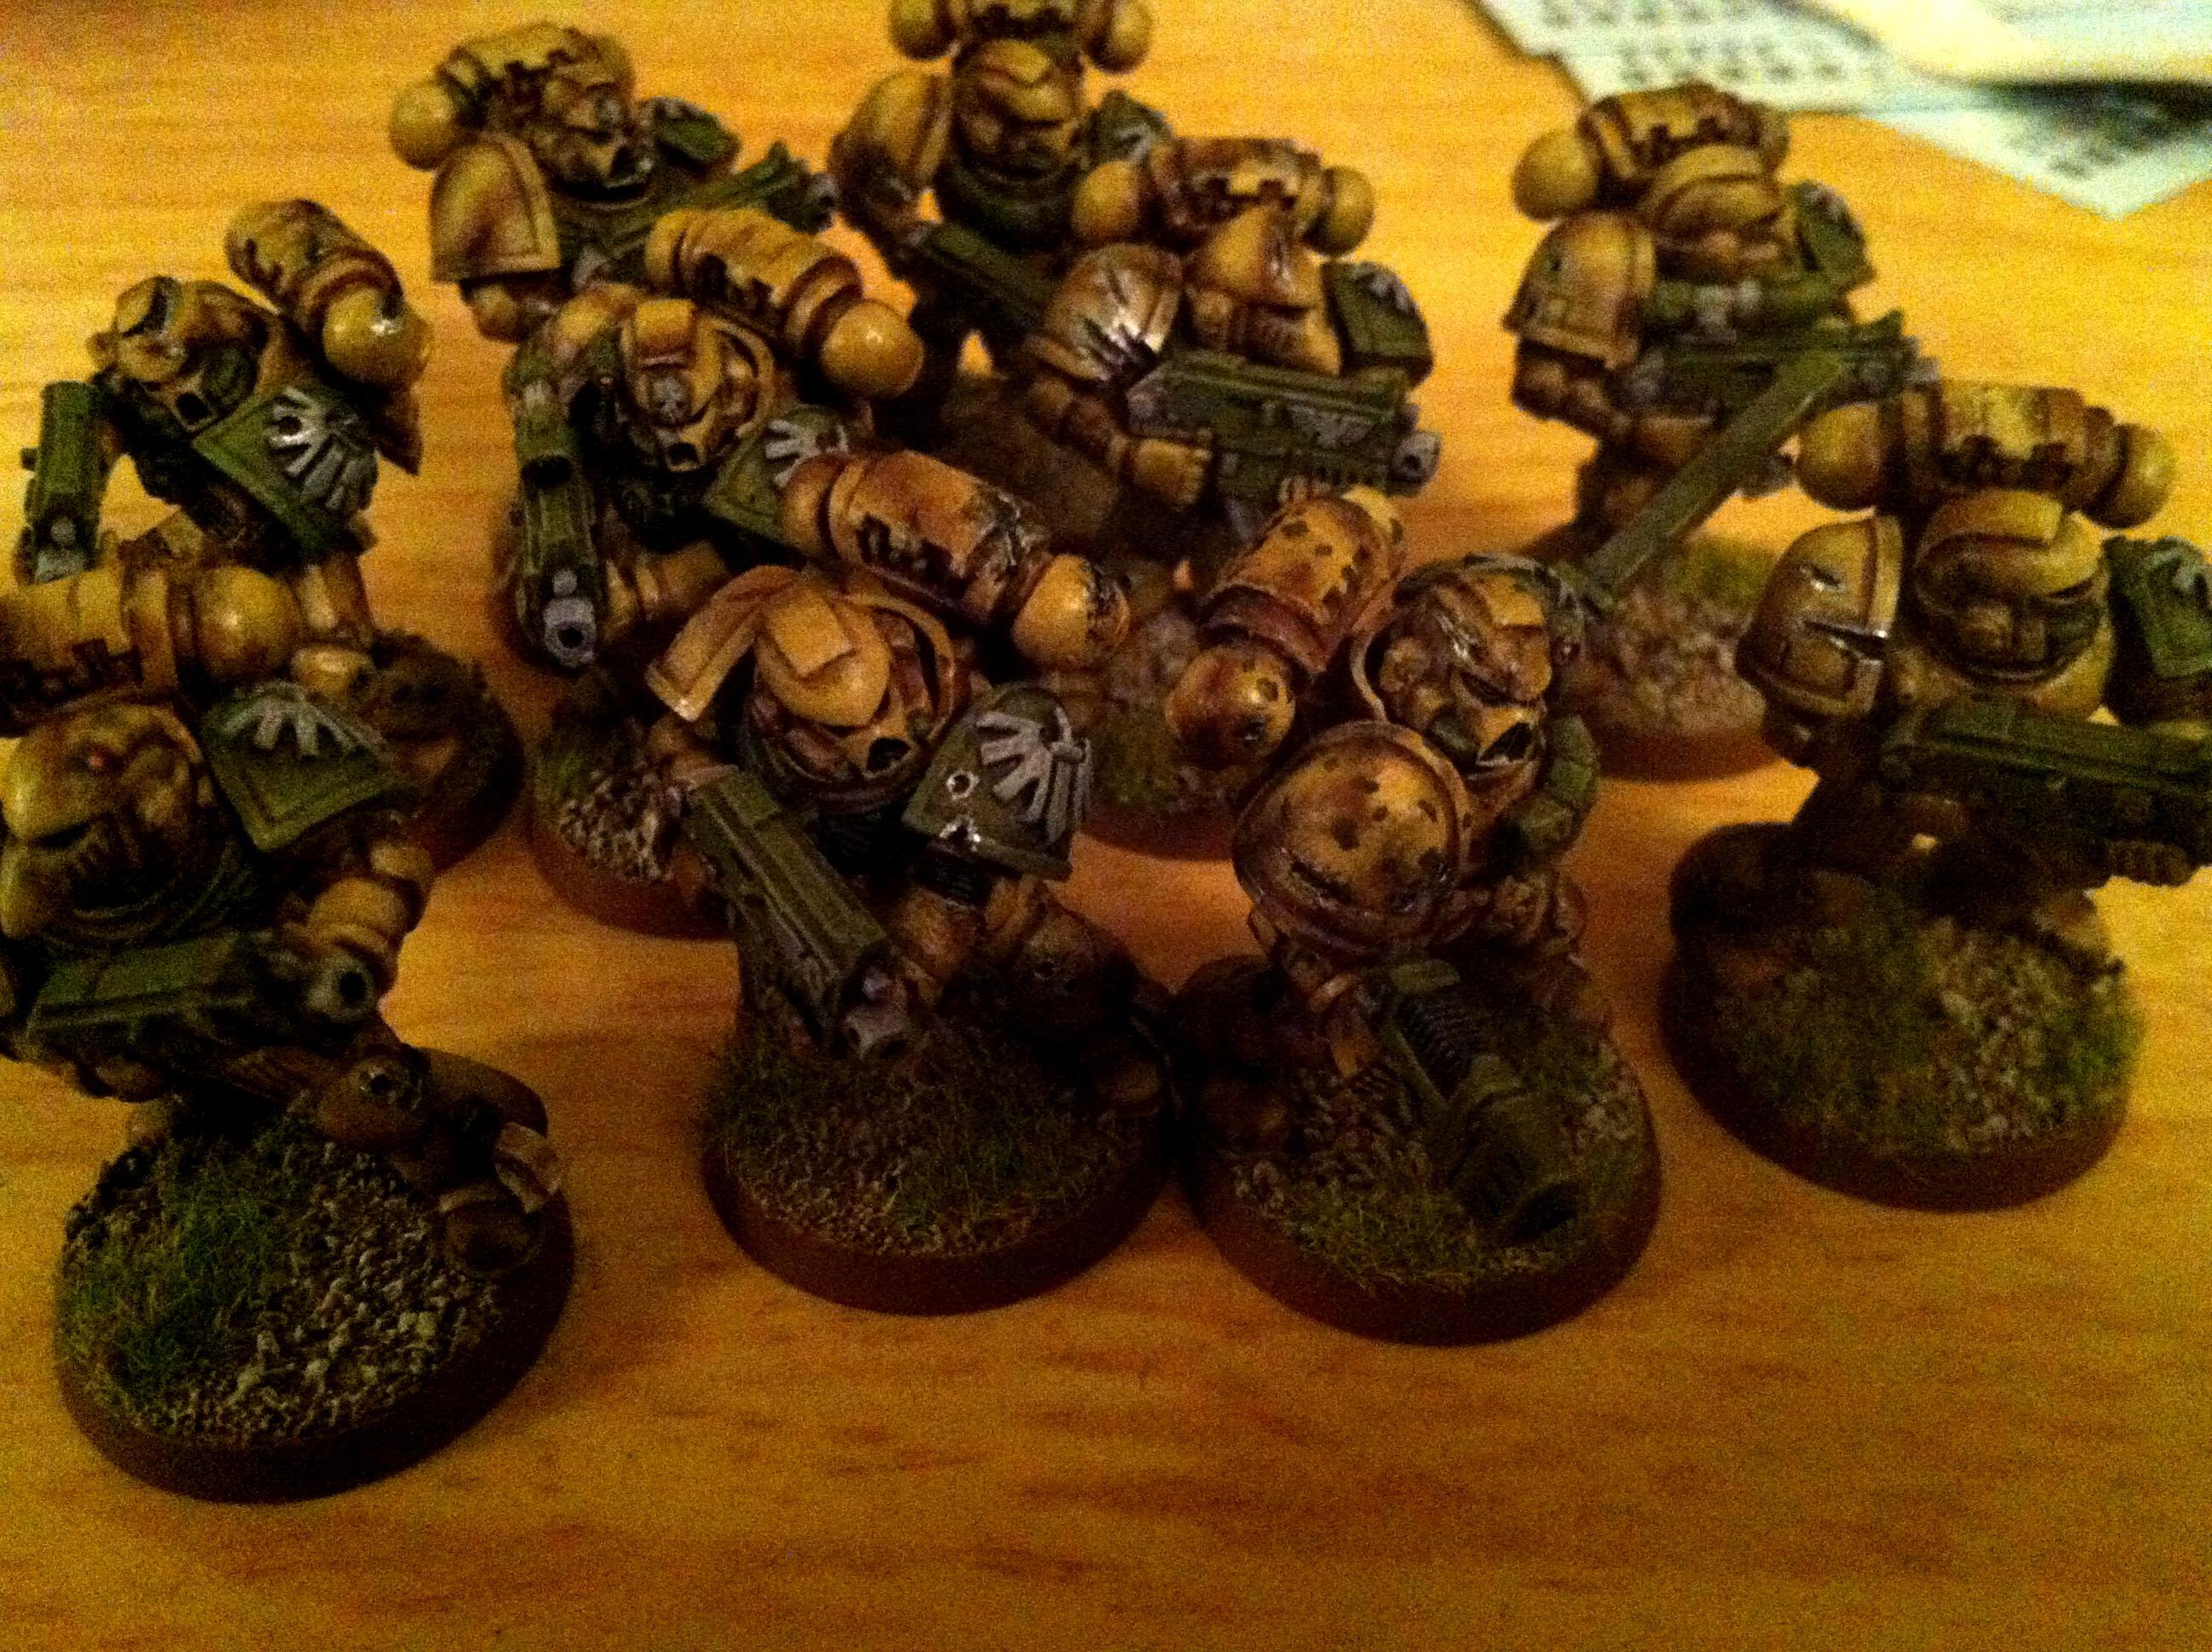 Dark Angels, Space Marines, Warhammer 40,000